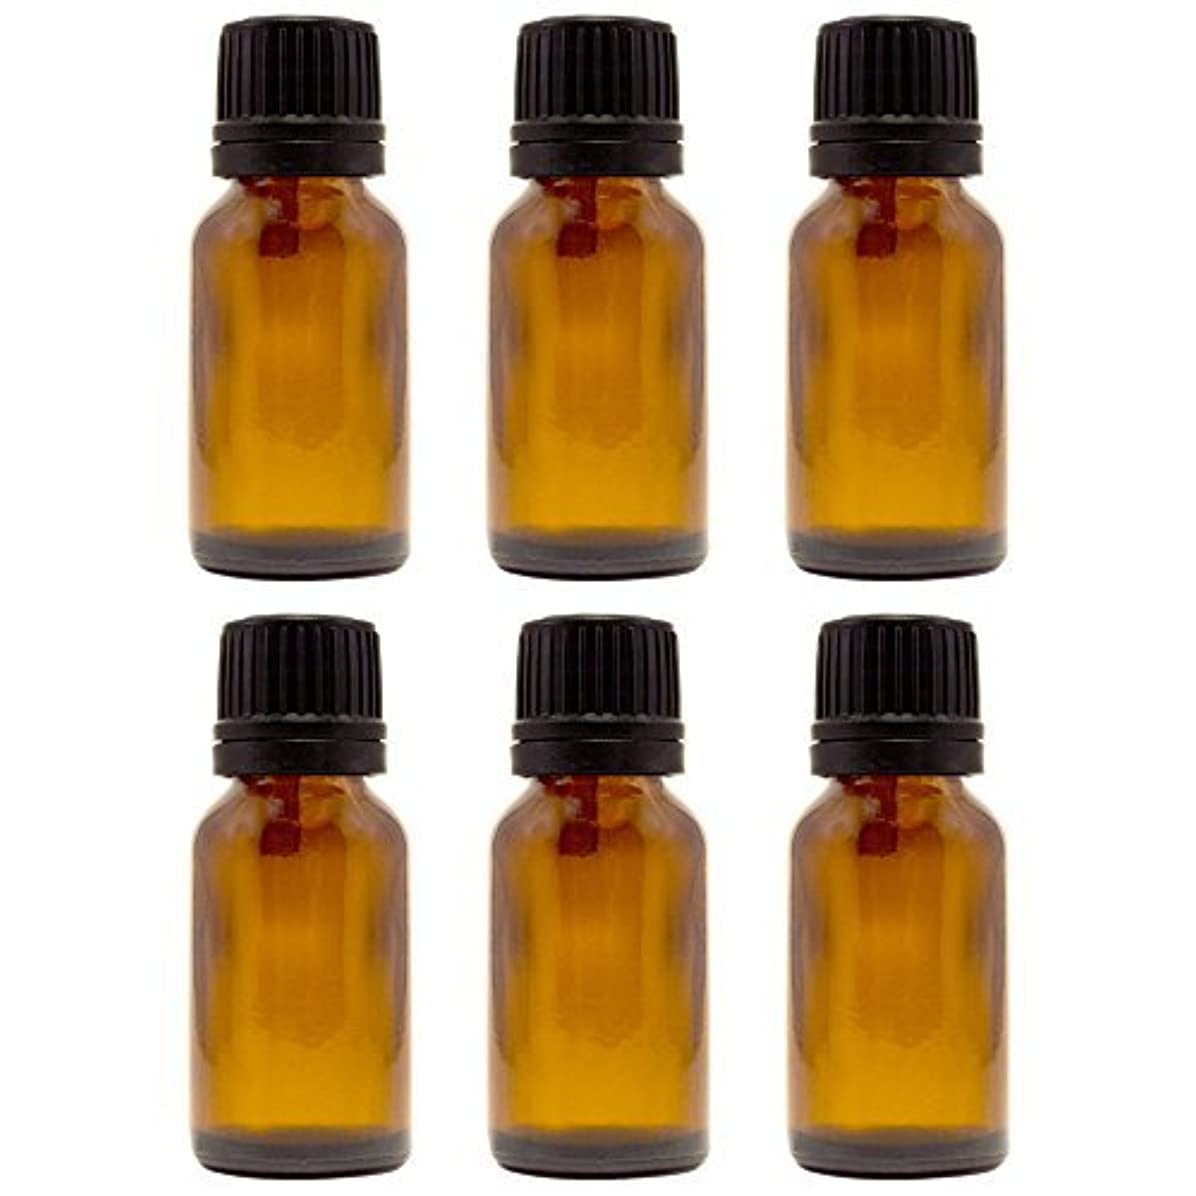 アウトドアコカイン枯れる15 ml (1/2 fl oz) Amber Glass Bottle with Euro Dropper (6 Pack) [並行輸入品]